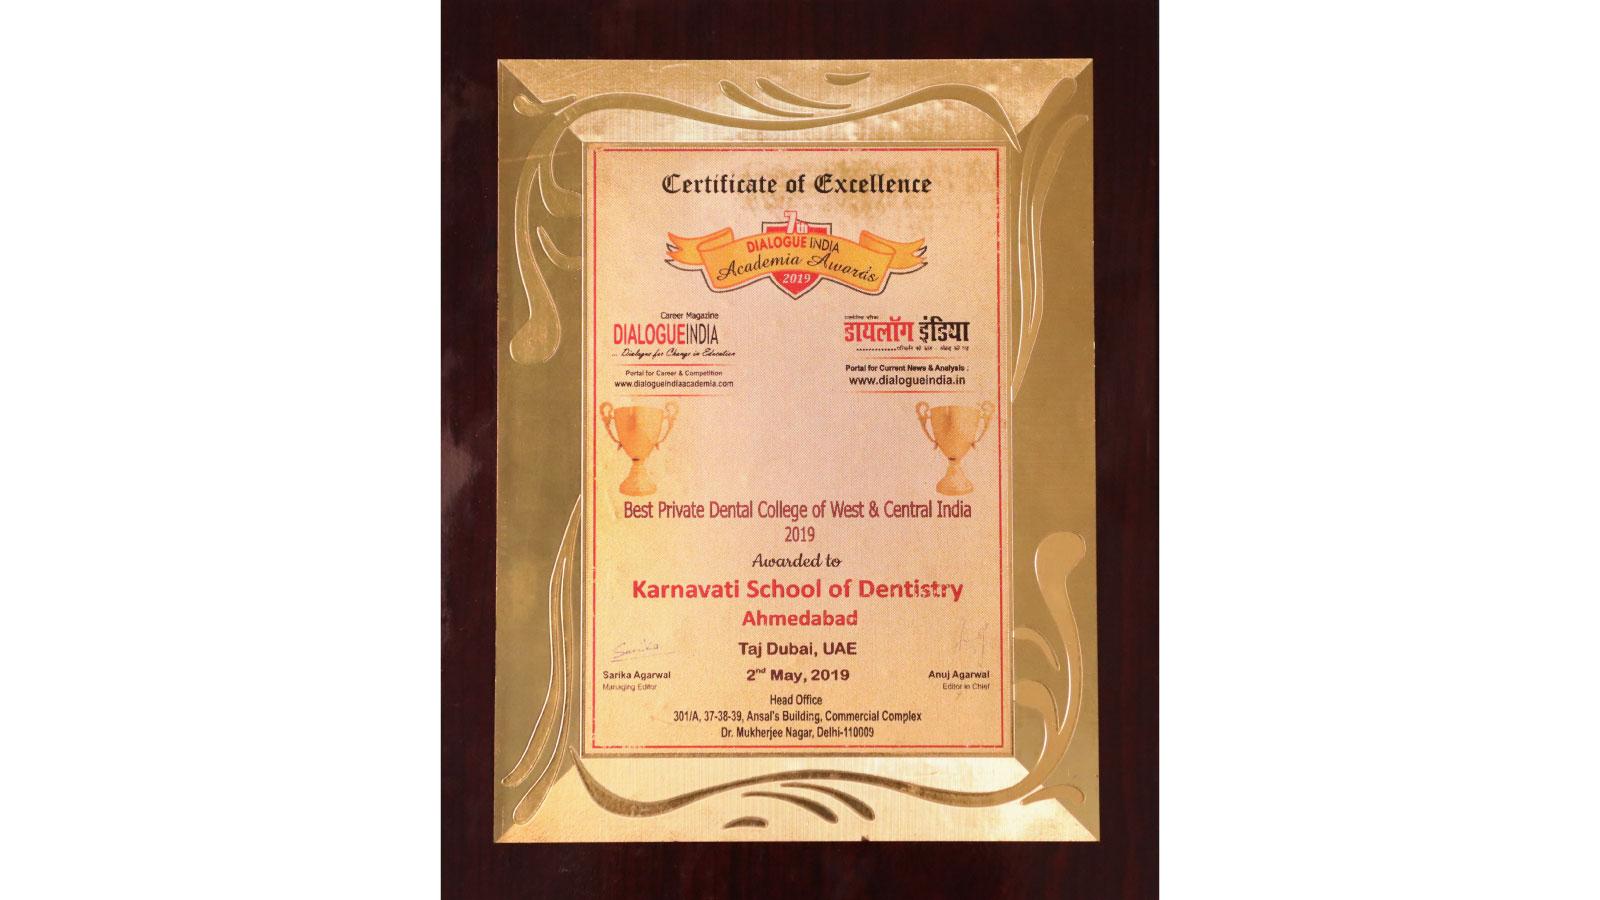 Dialogue India Award - Karnavati University